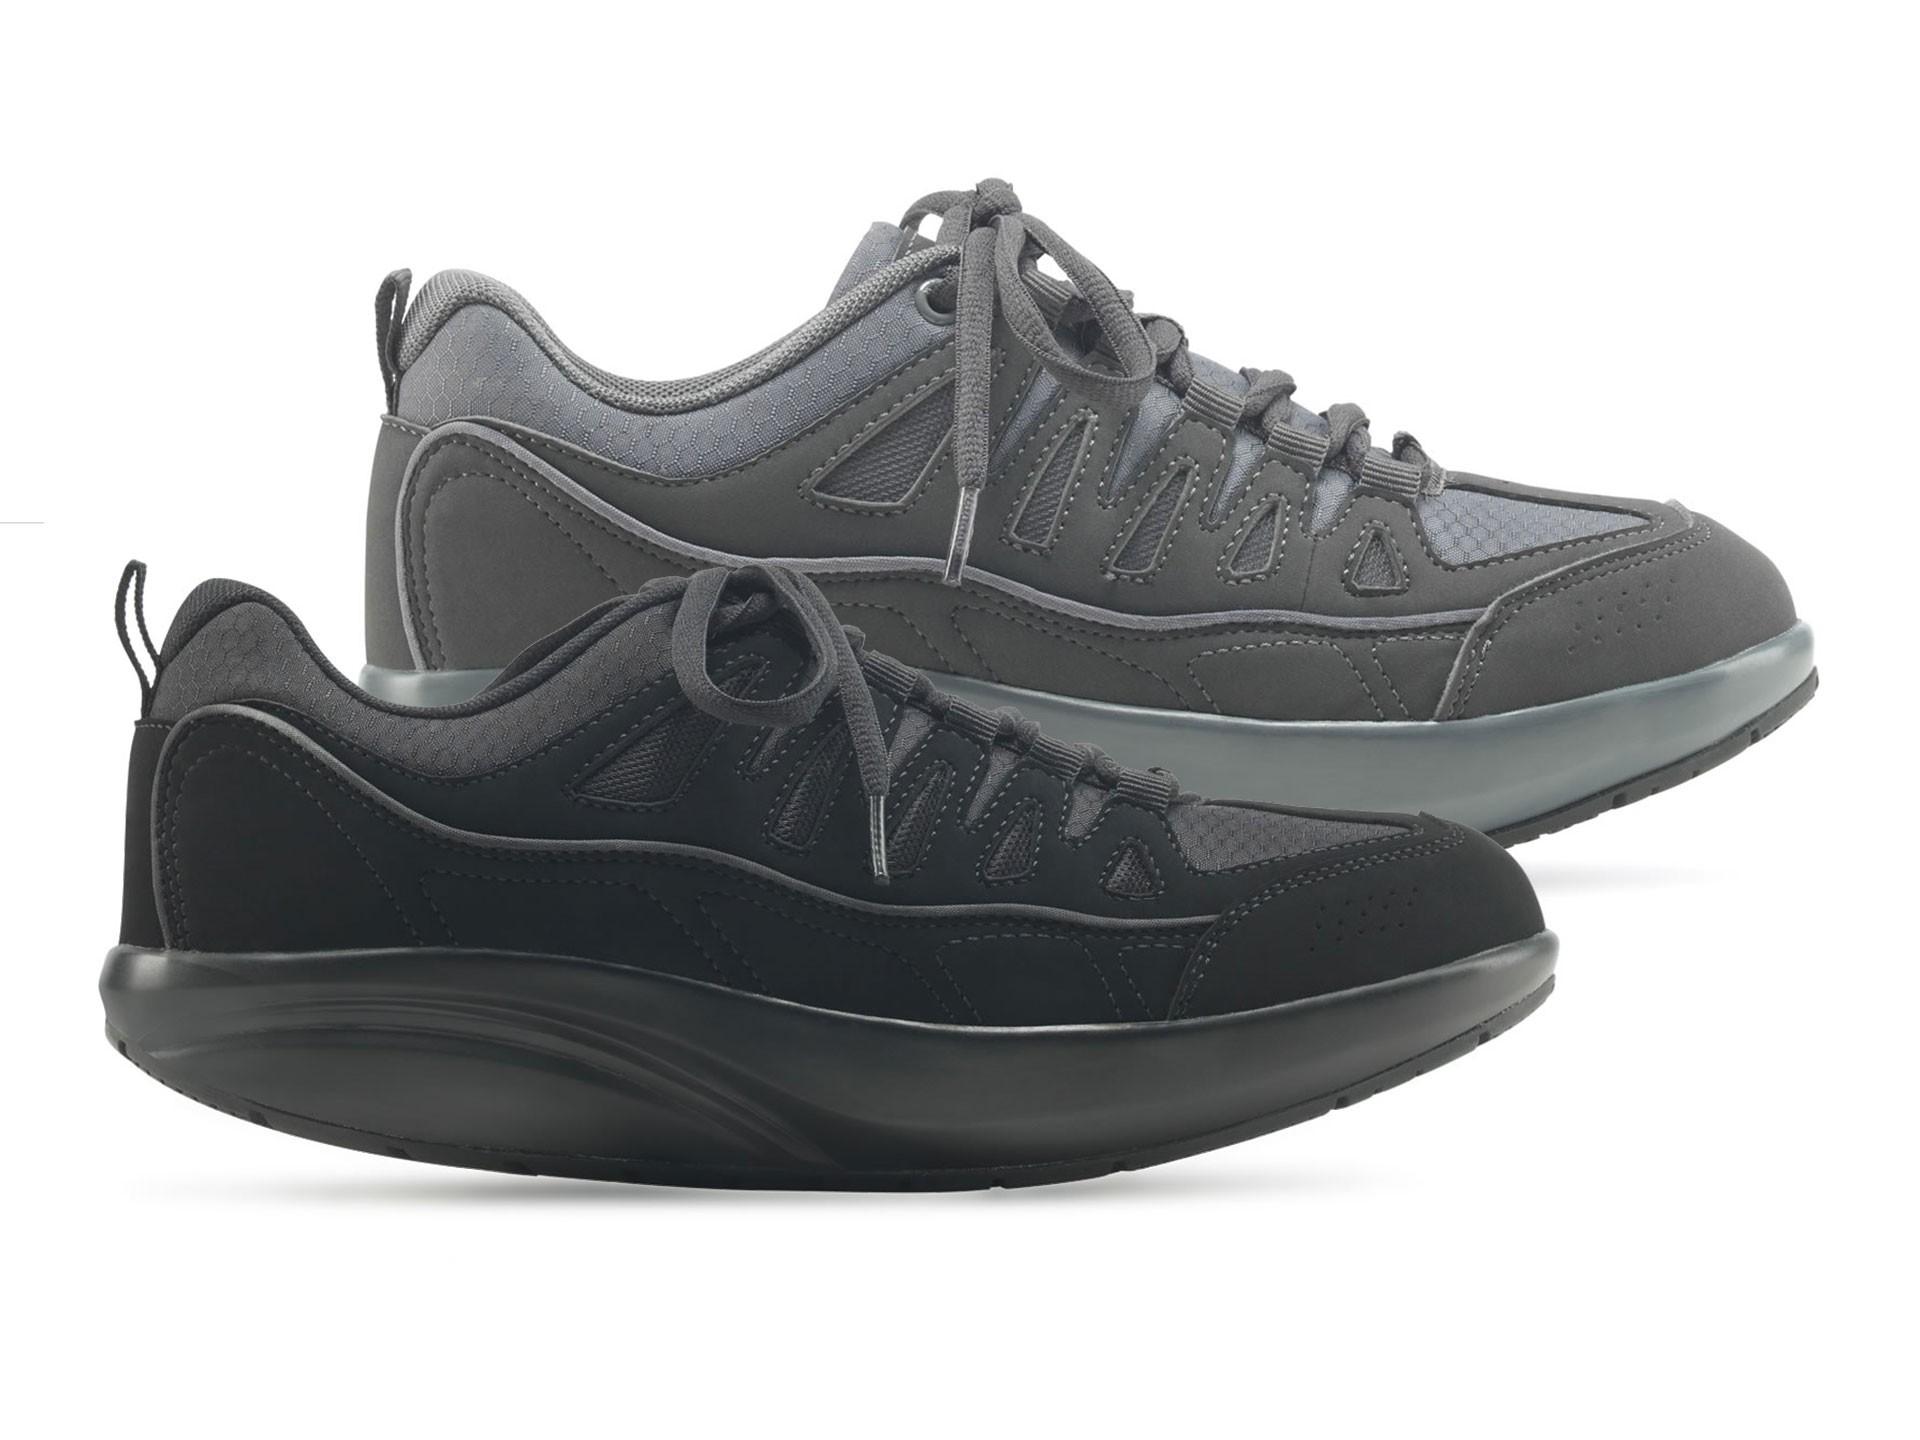 d051bb09df24af Кросівки Walkmaxx Black Fit